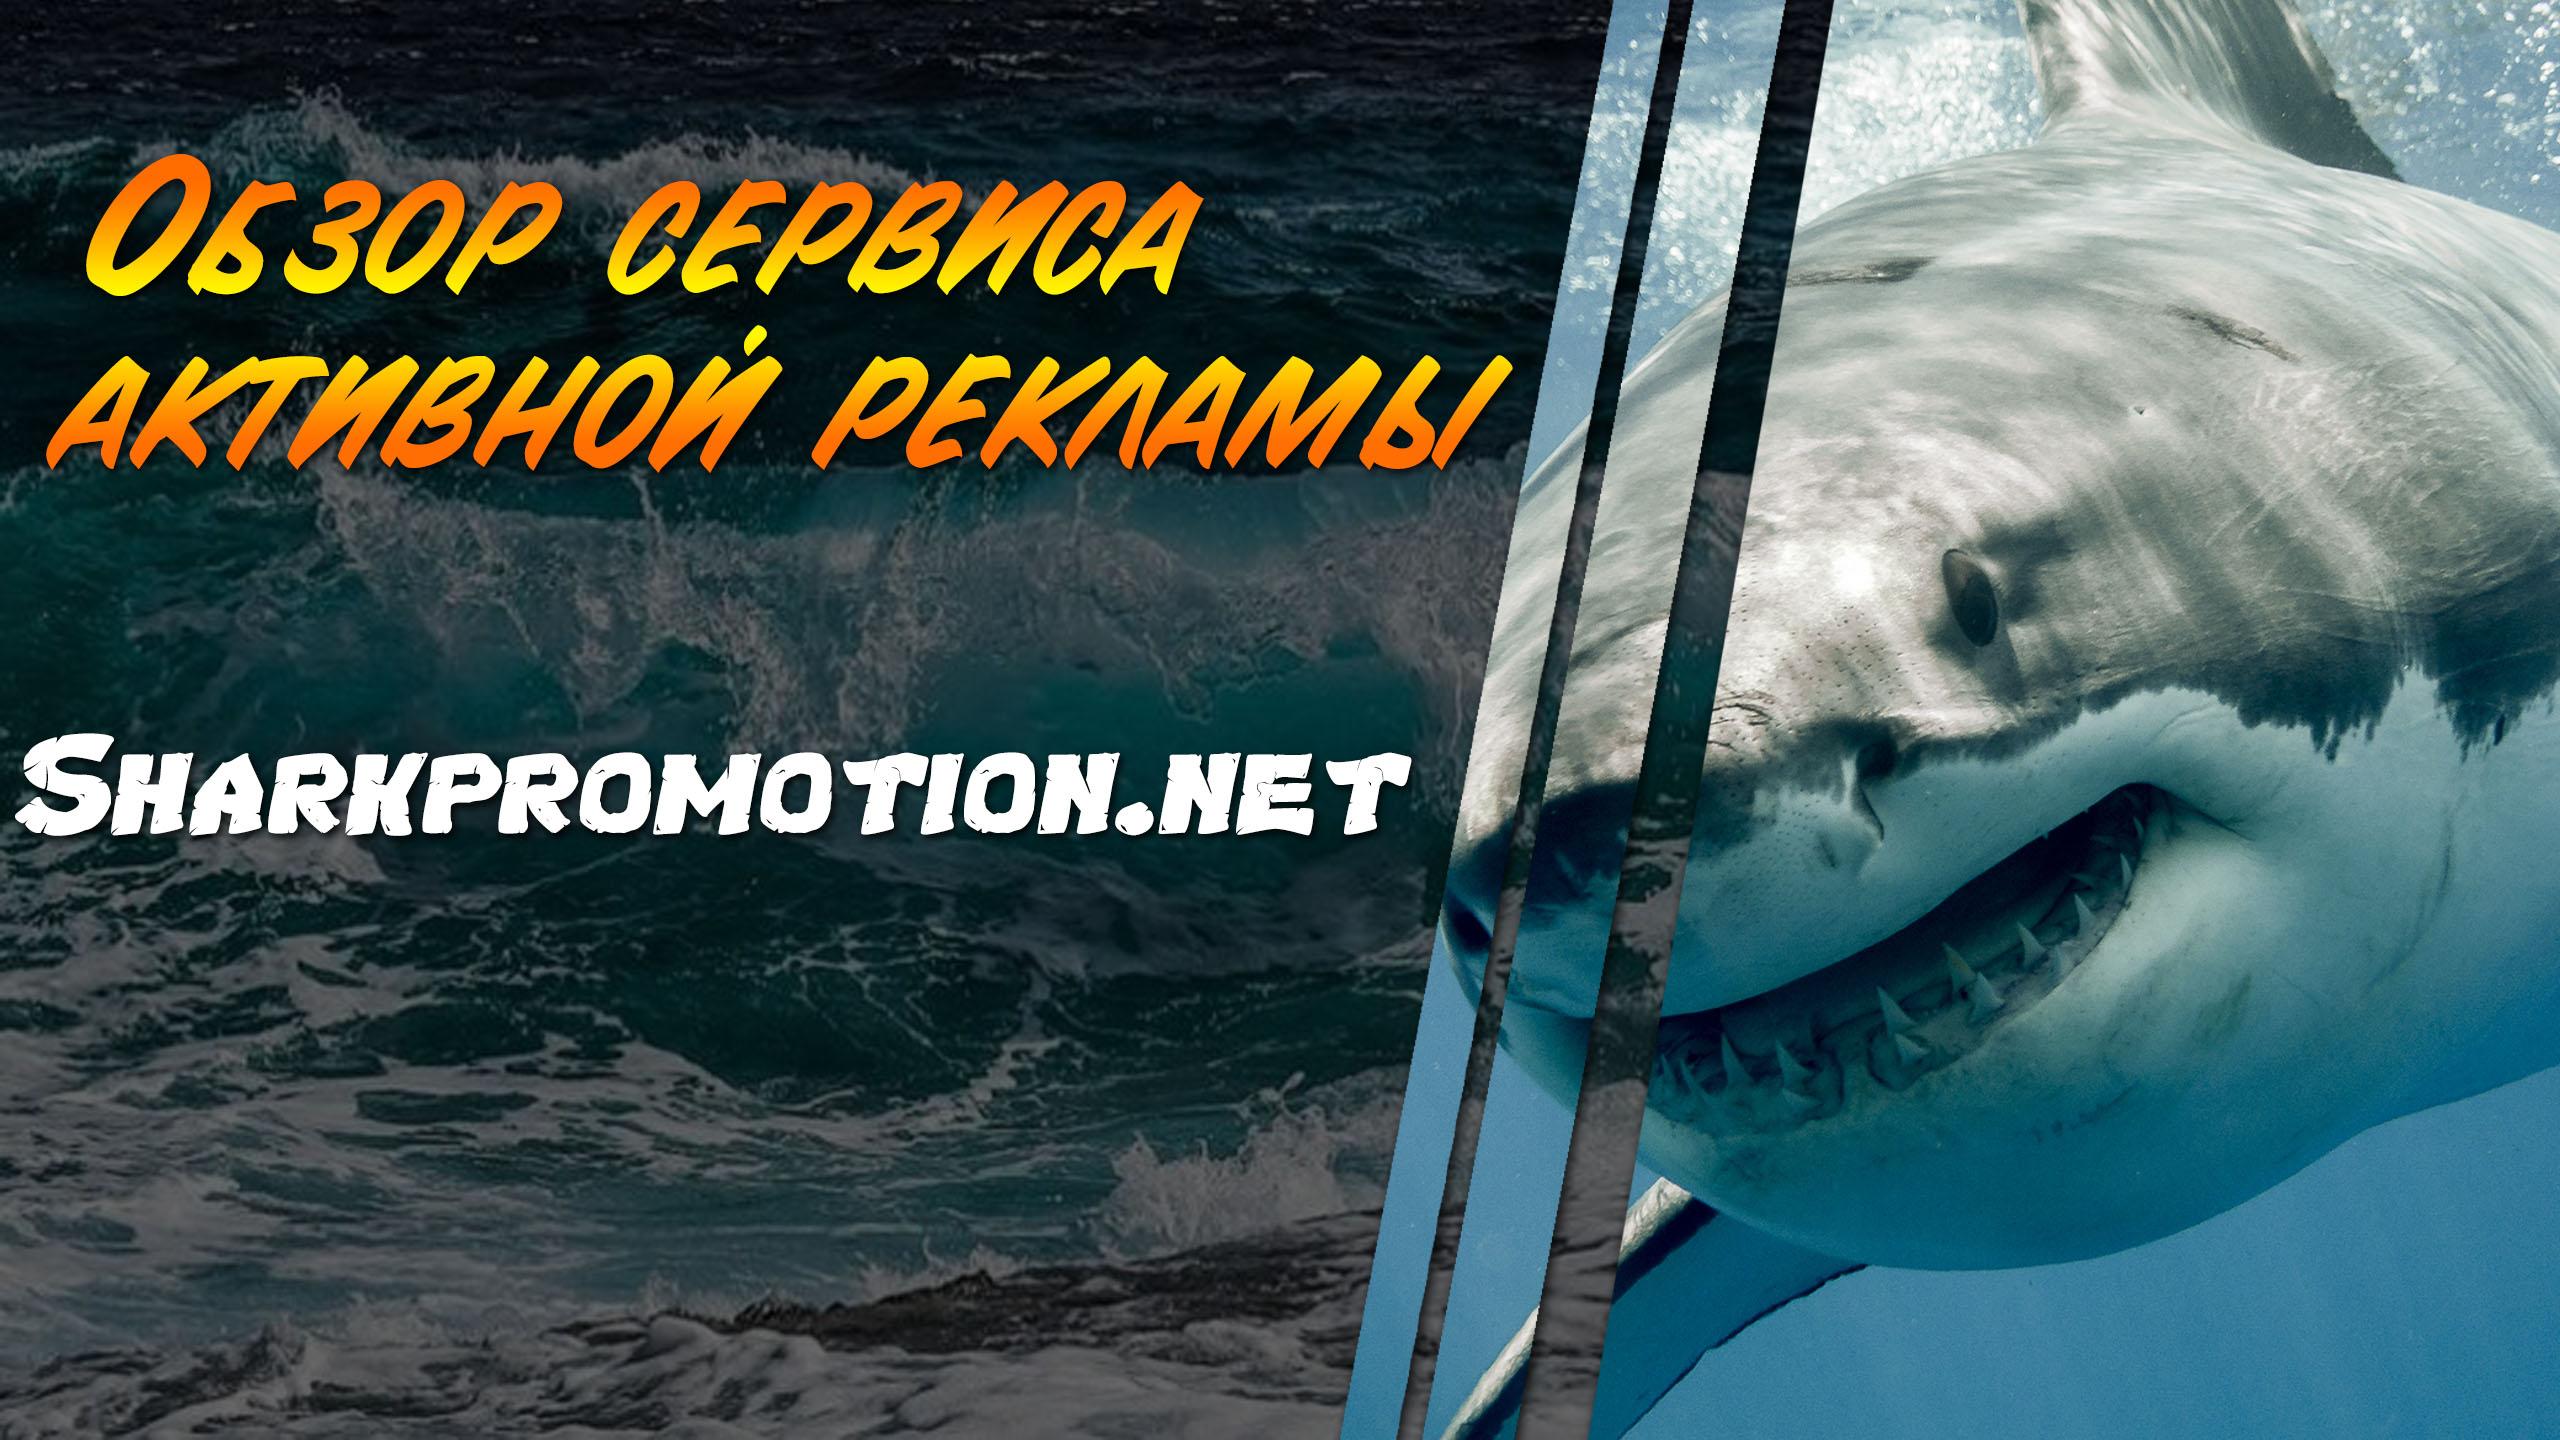 Sharkpromotion.net обзор и отзывы сервиса. Как быстро заработать новичку без вложений.